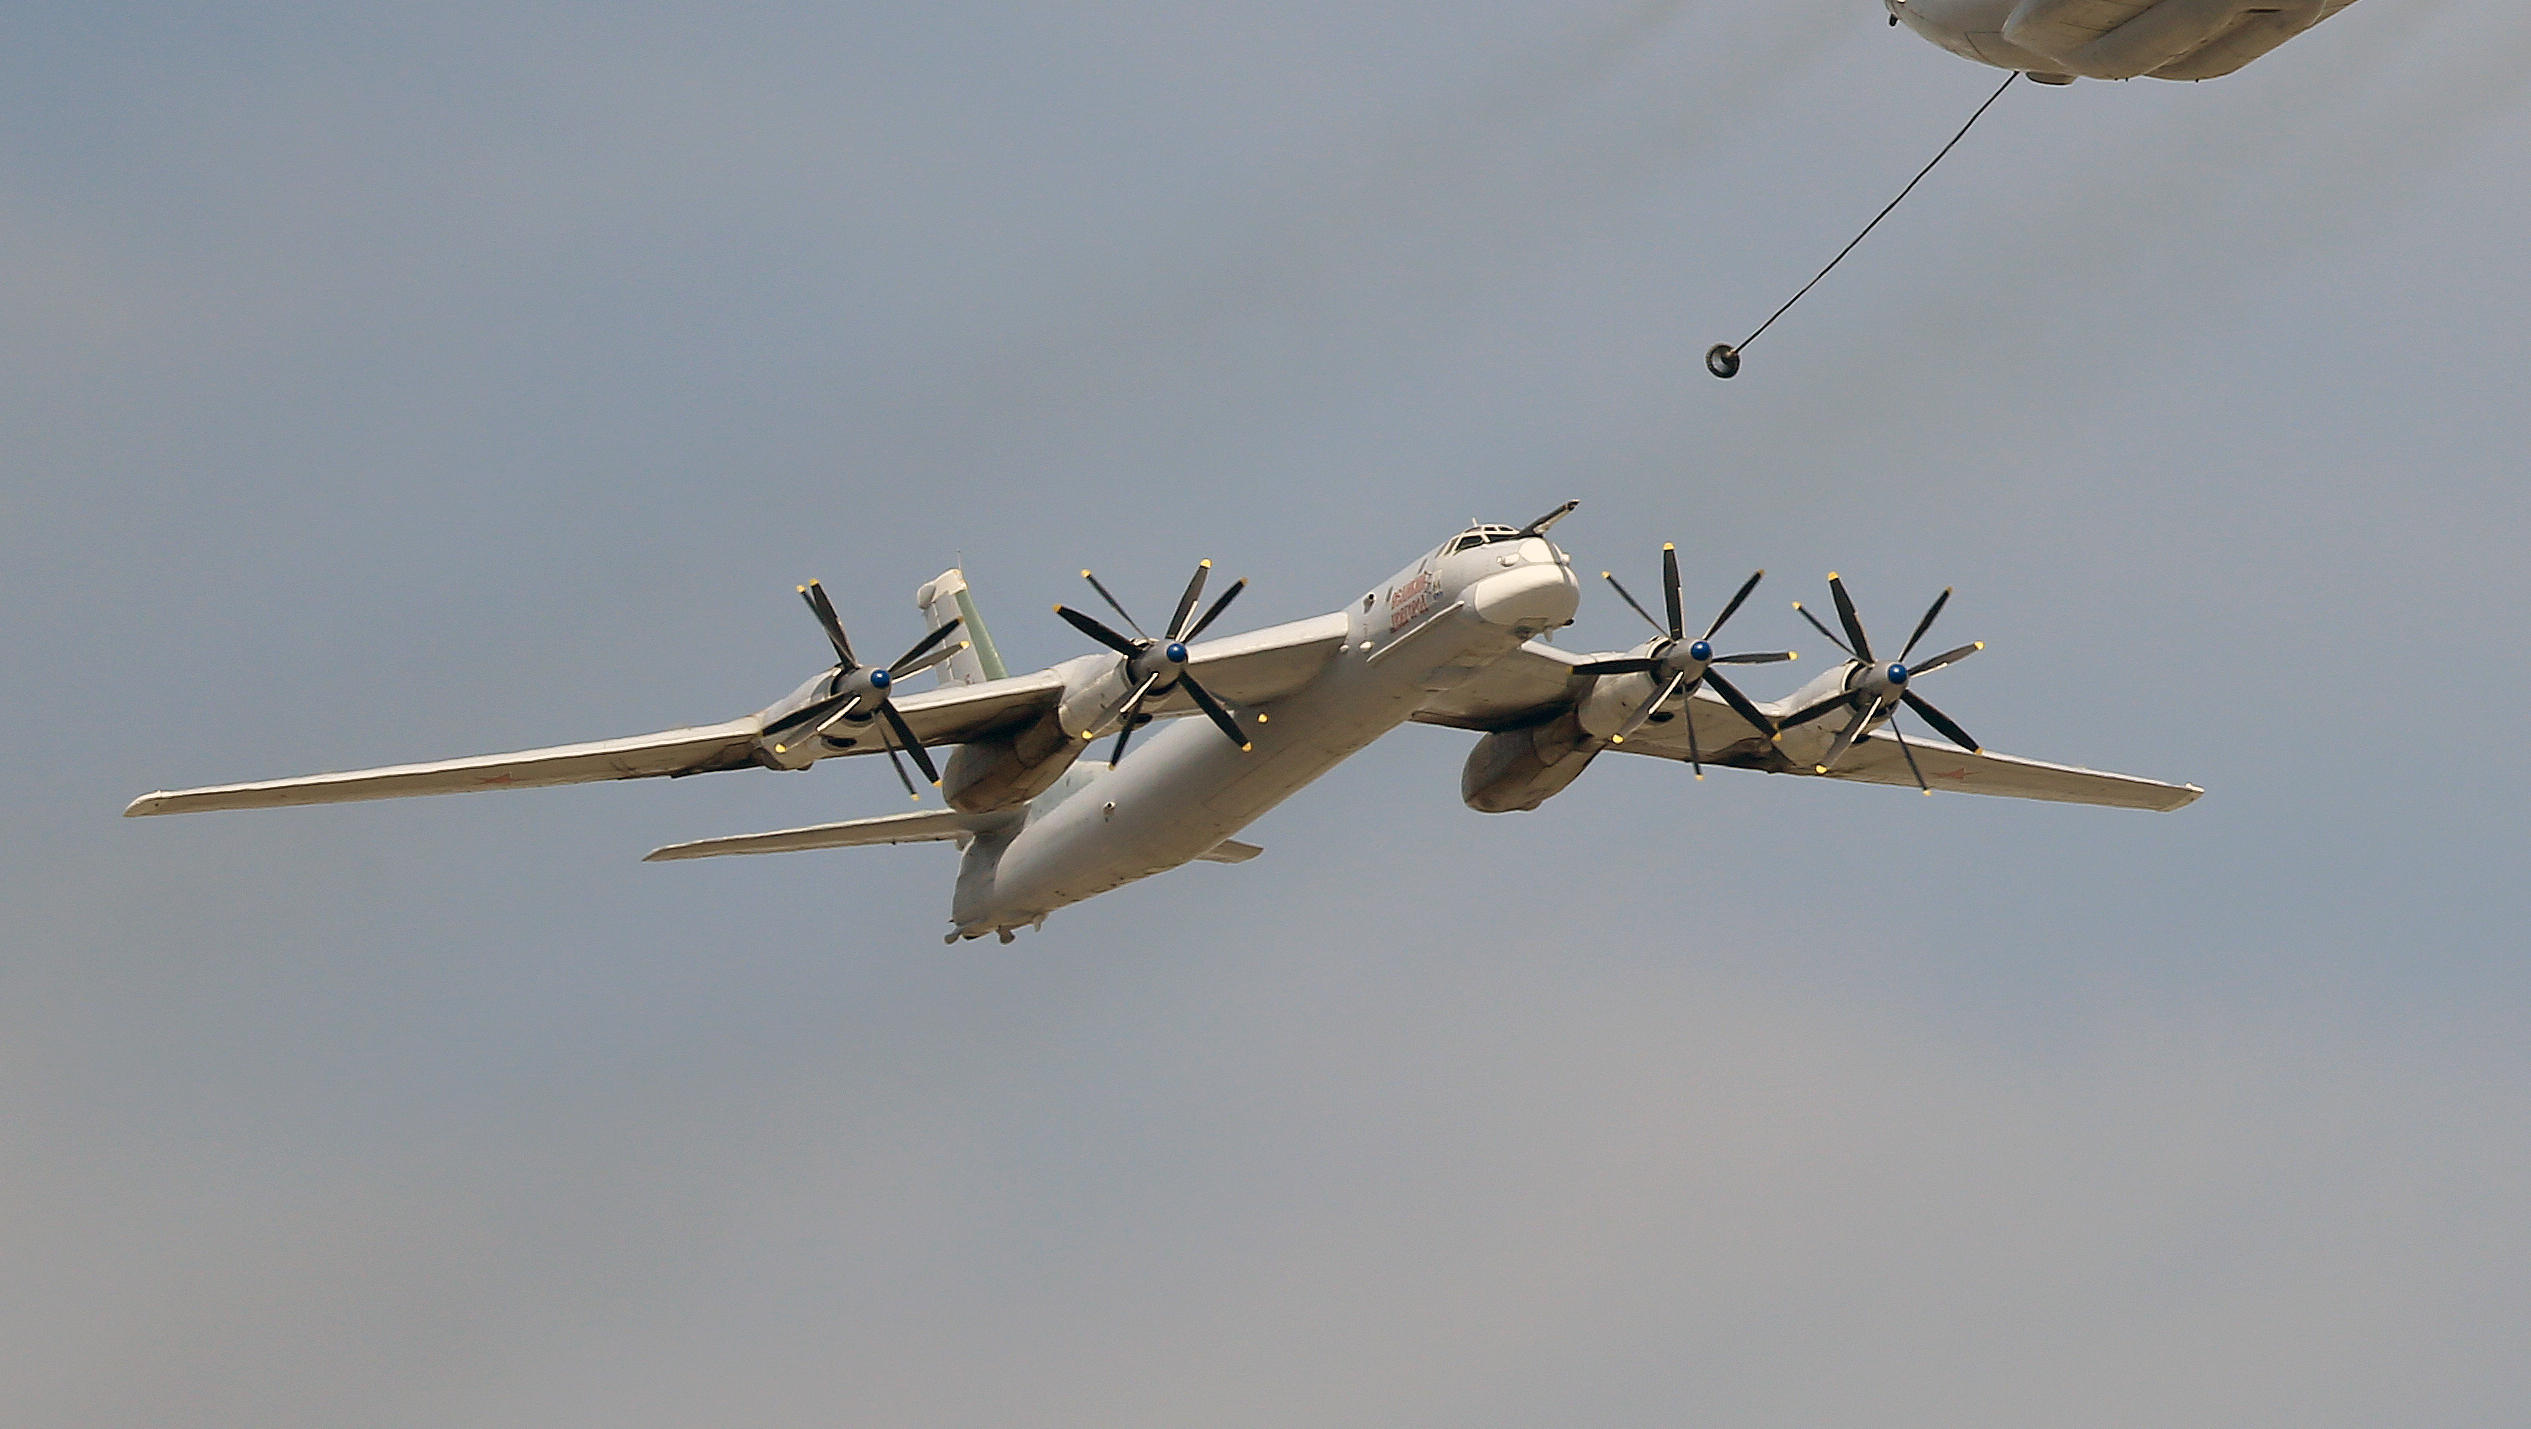 US intercepts Russian bombers, fighter jets near Alaska